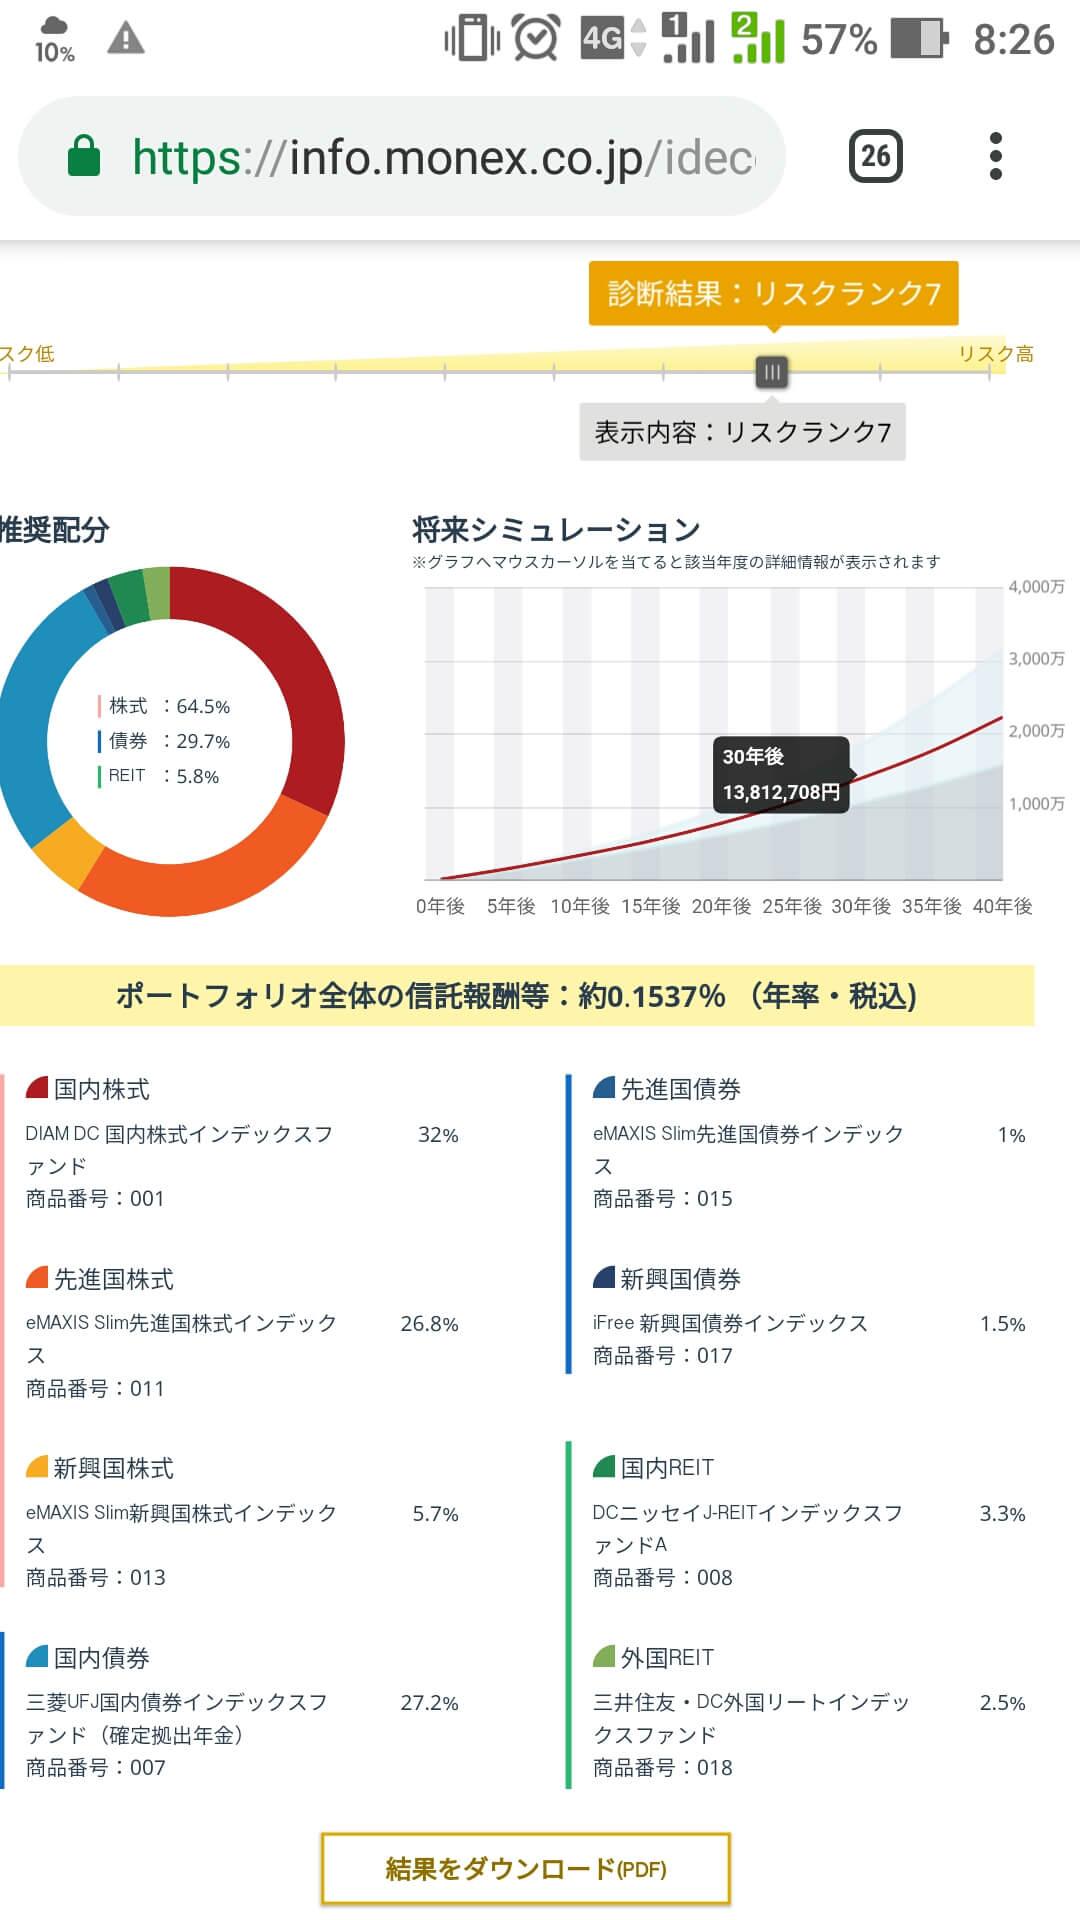 マネックス証券ロボアドバイザーポートフォリオ